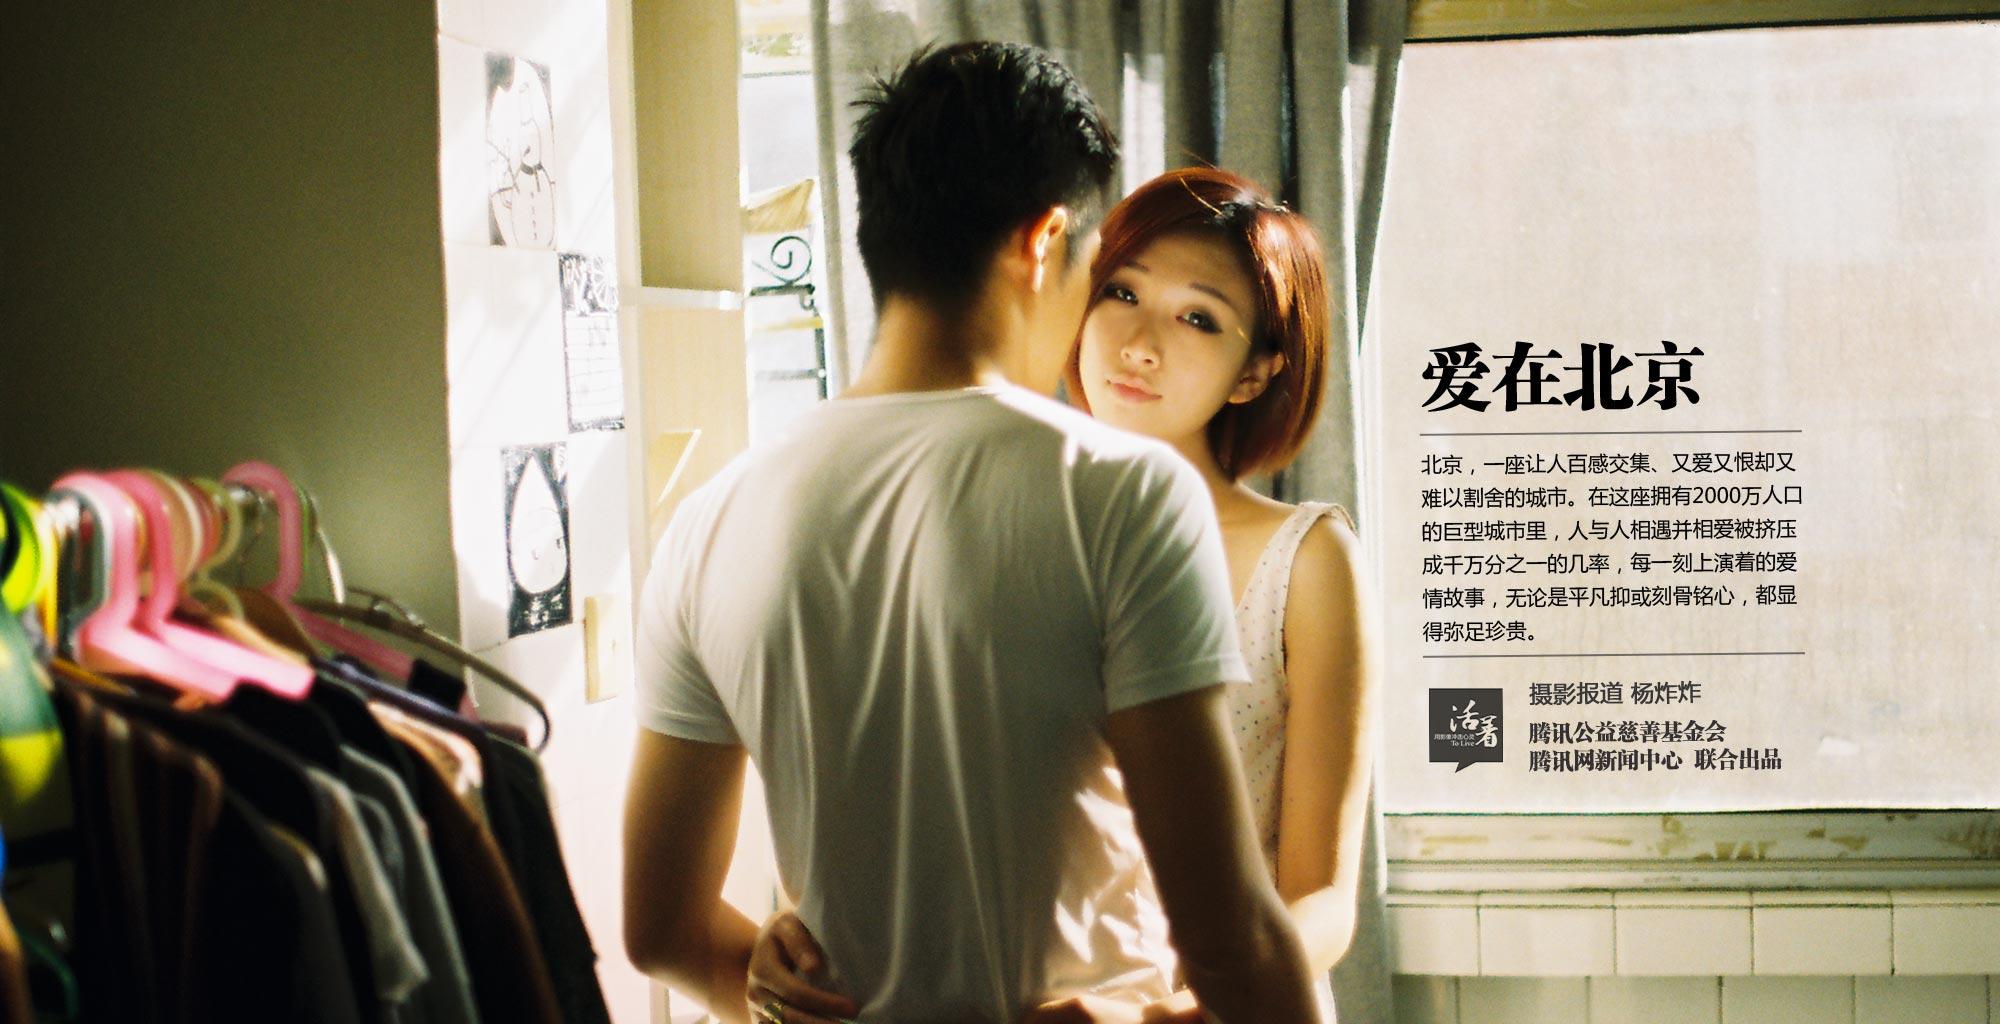 最新影楼资讯新闻-摄影师记录种种爱情:爱在北京